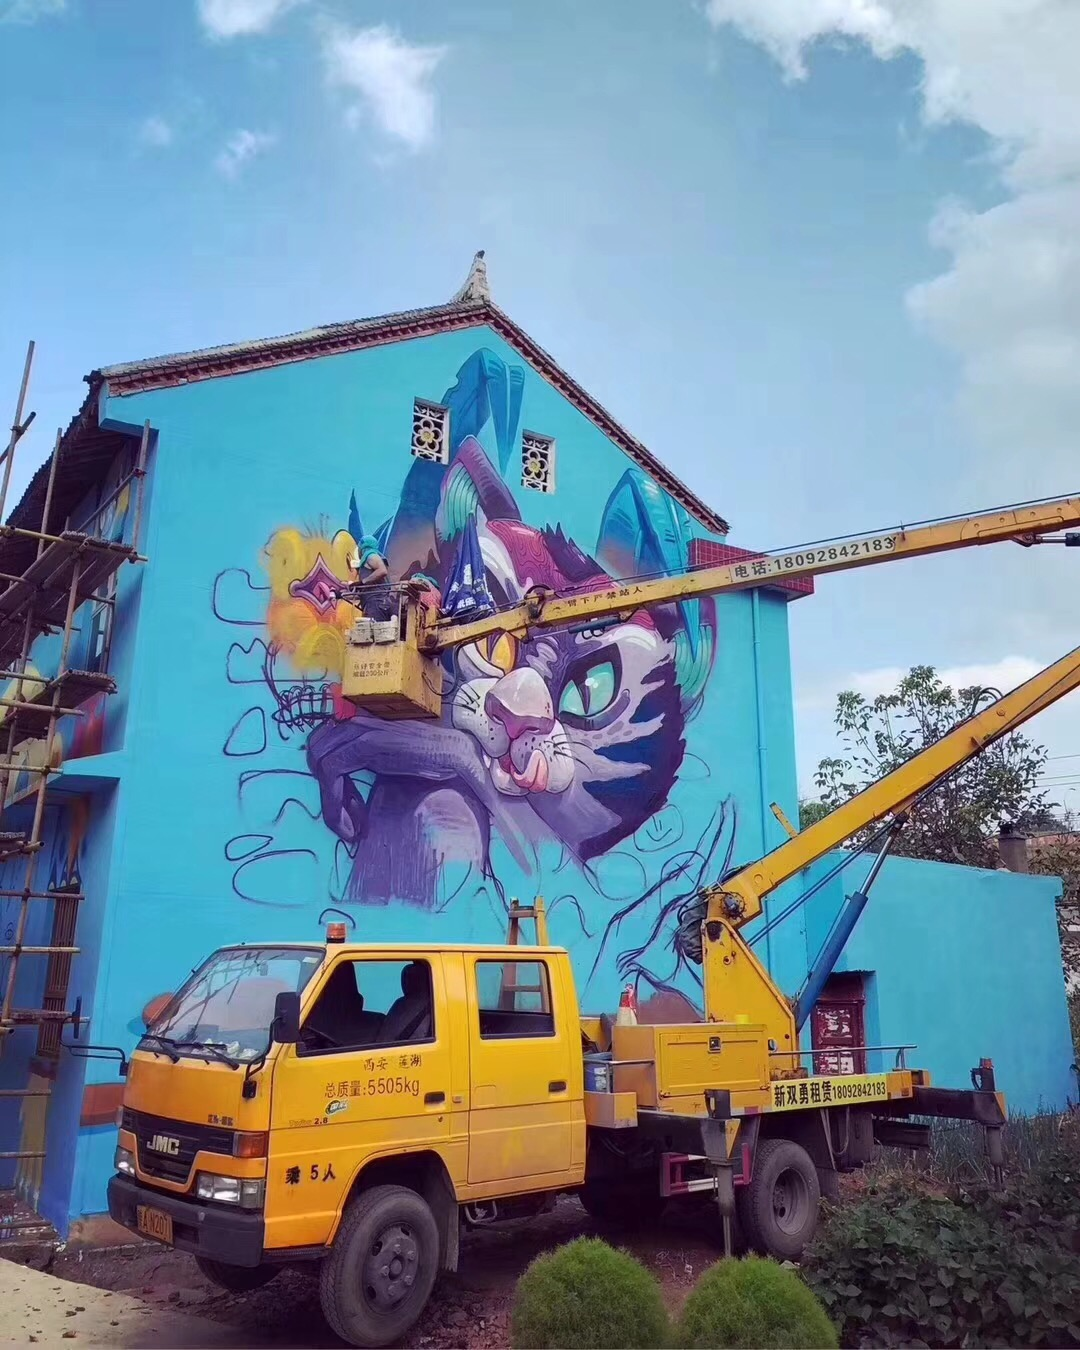 2018中国大型街头涂鸦活动GRAFFITI TRIP2.0 中国_洛南 涂鸦聚会